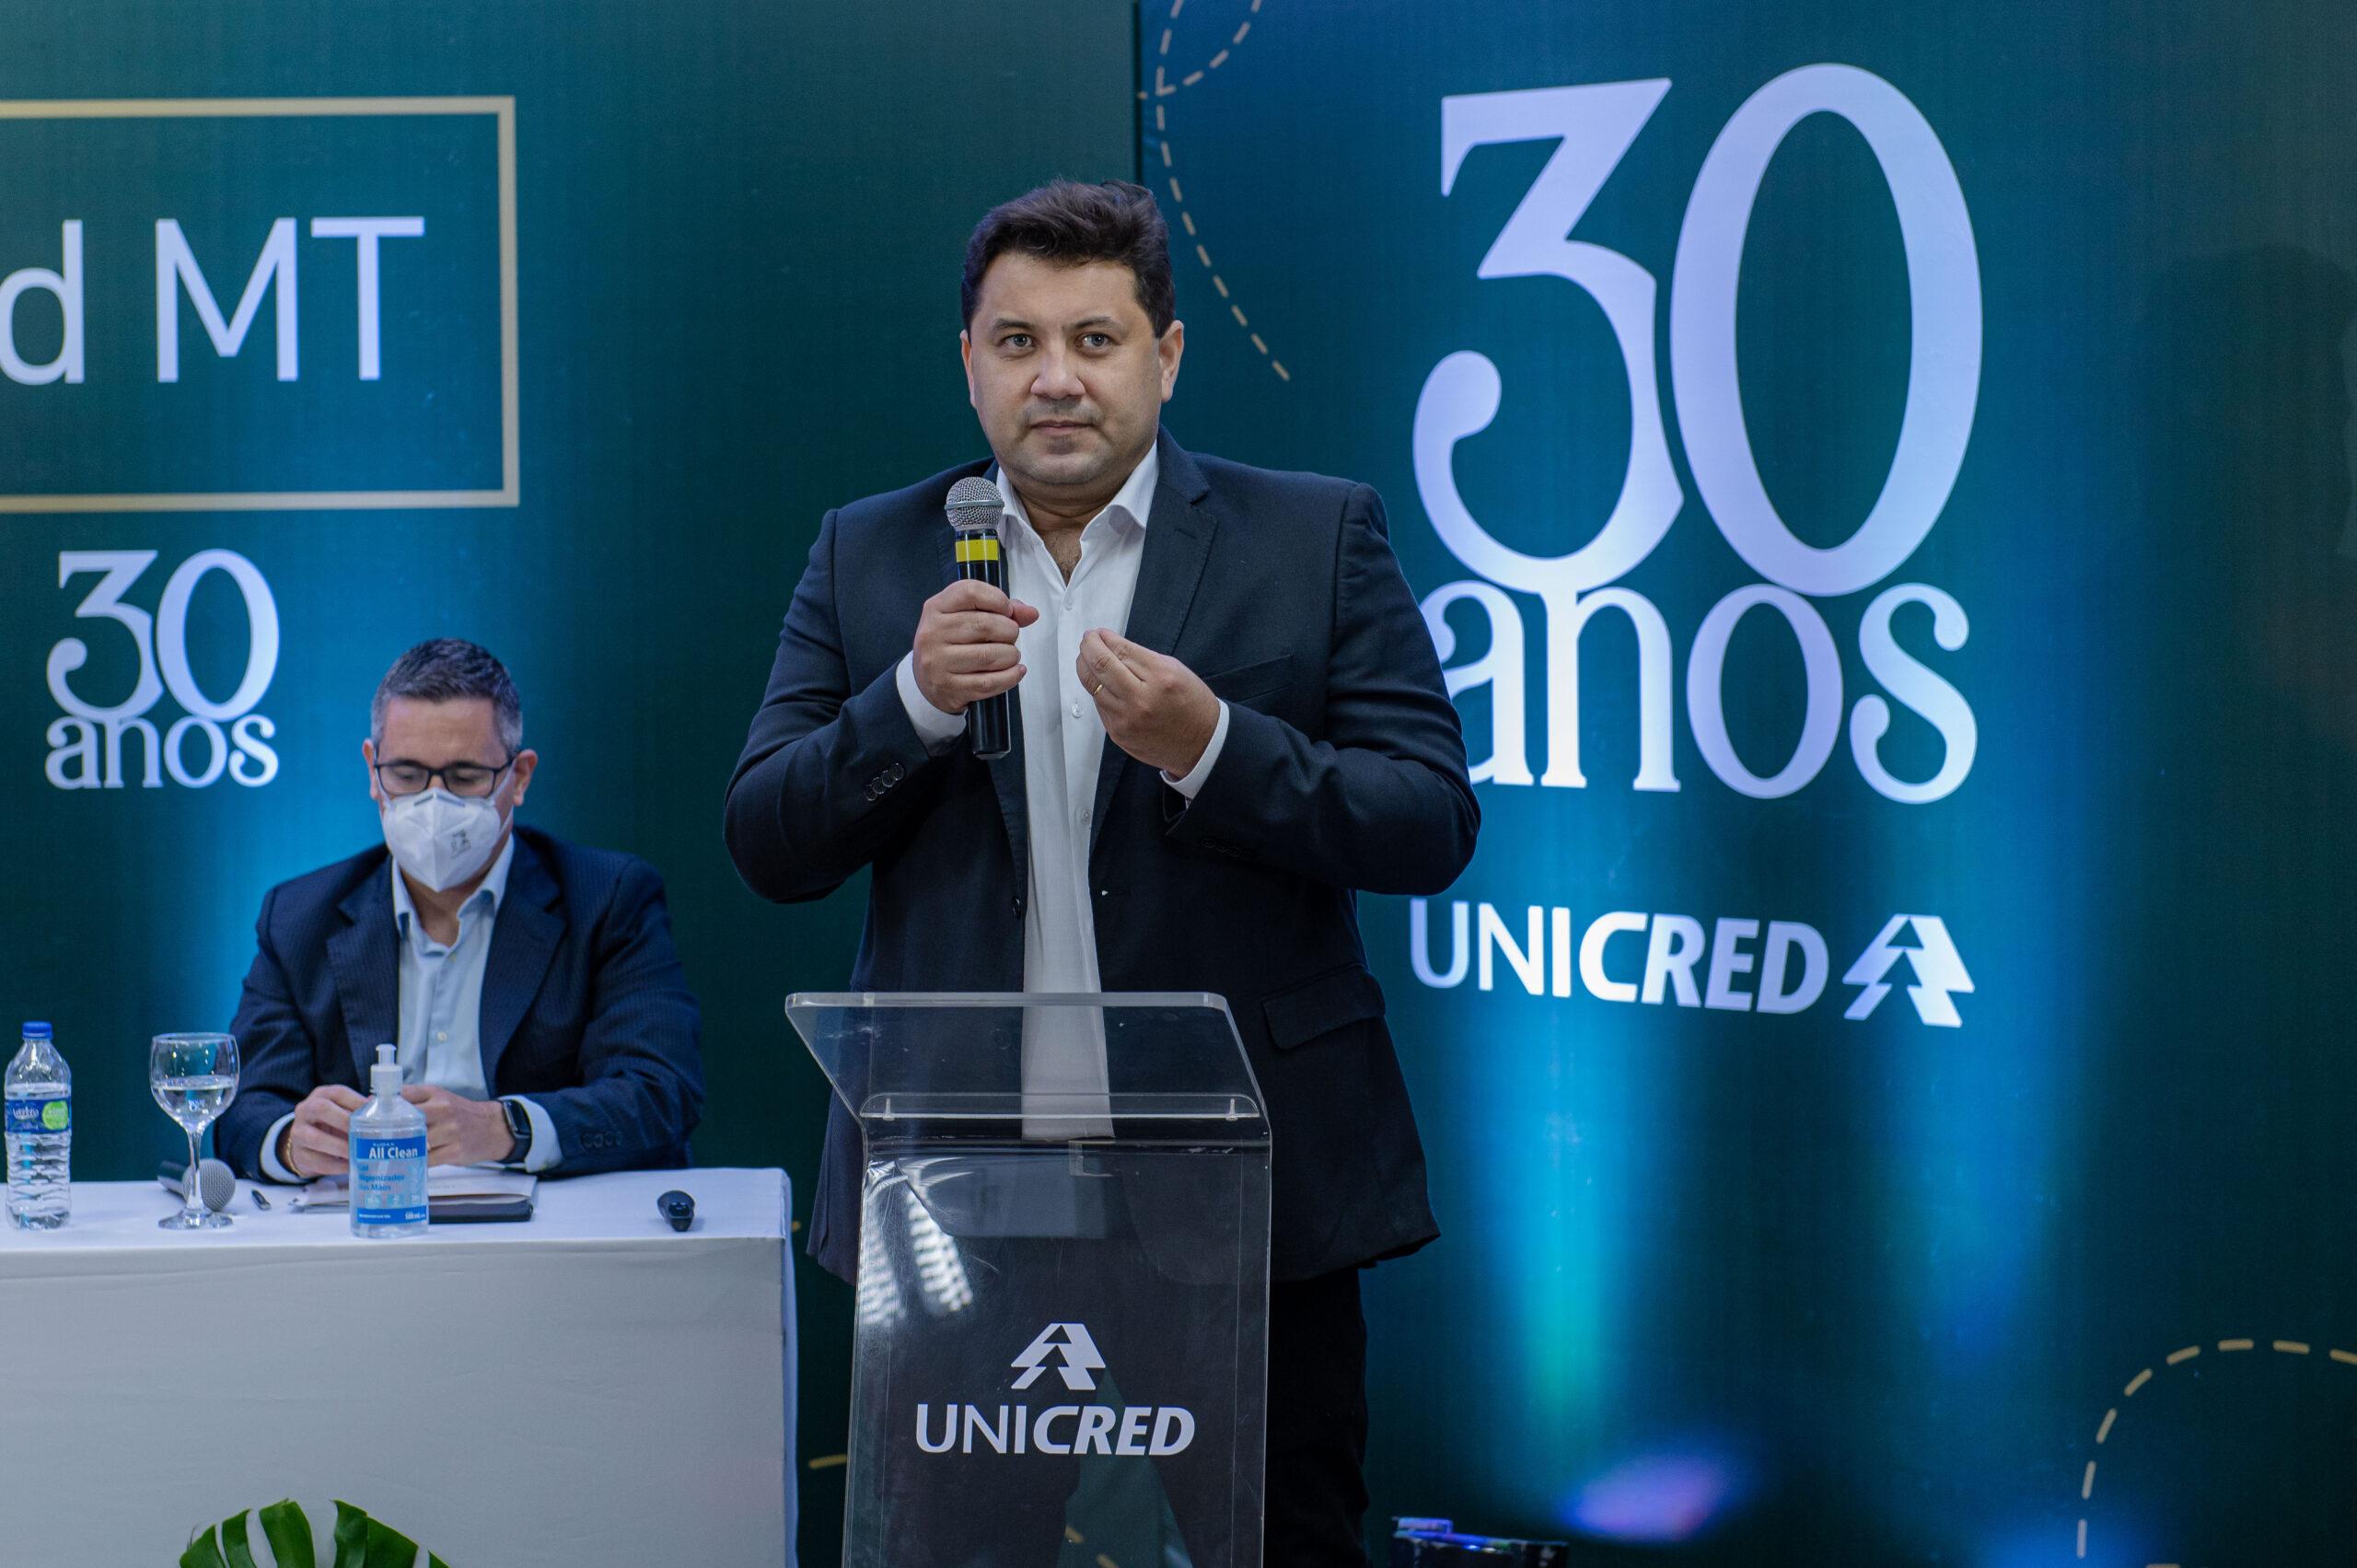 Unicred MT e Sebrae lançam programa para acelerar negócios